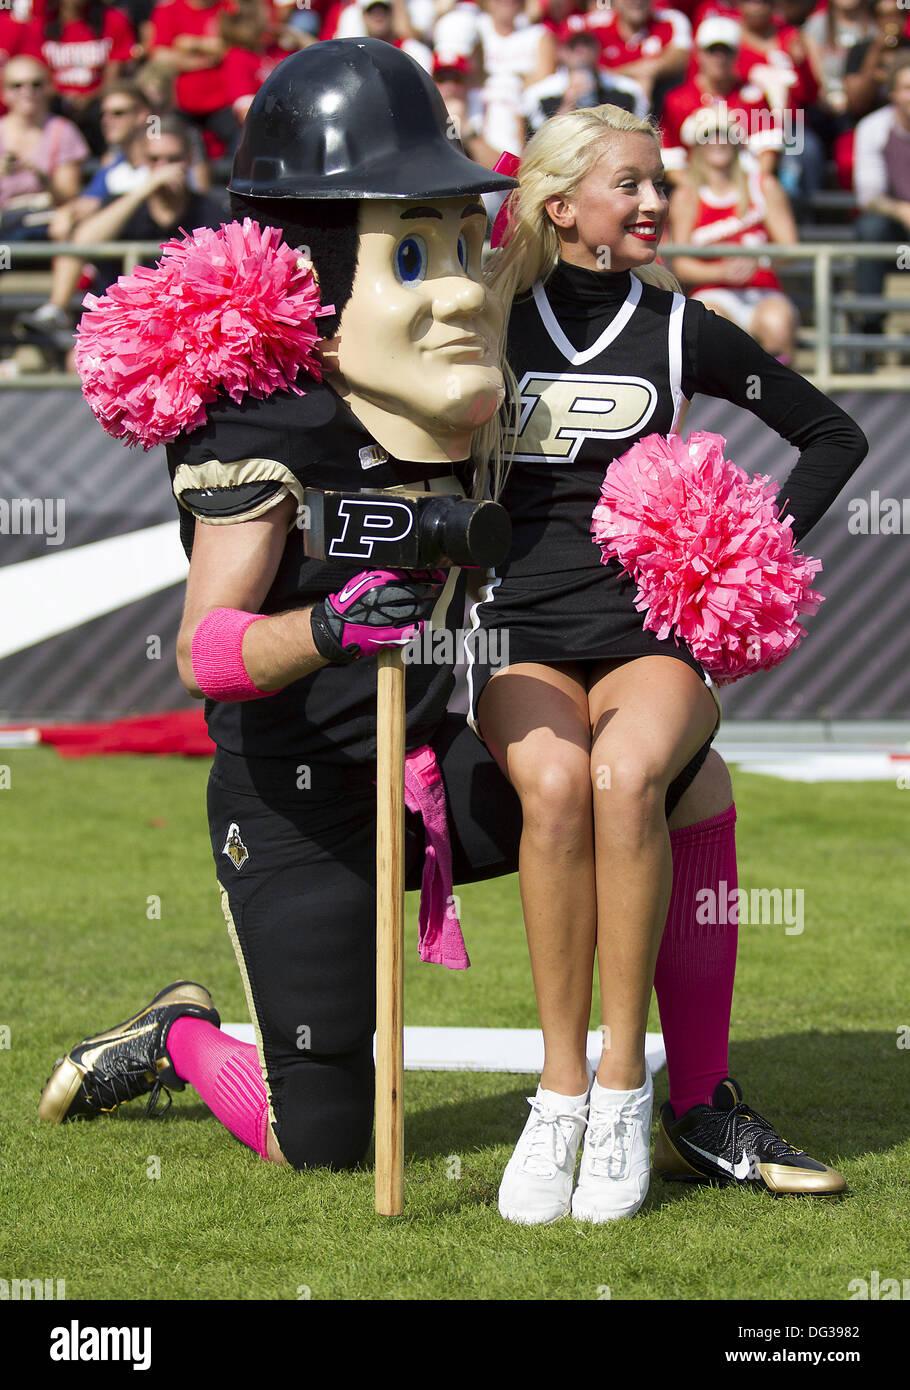 mascot cheerleader stock photos u0026 mascot cheerleader stock images